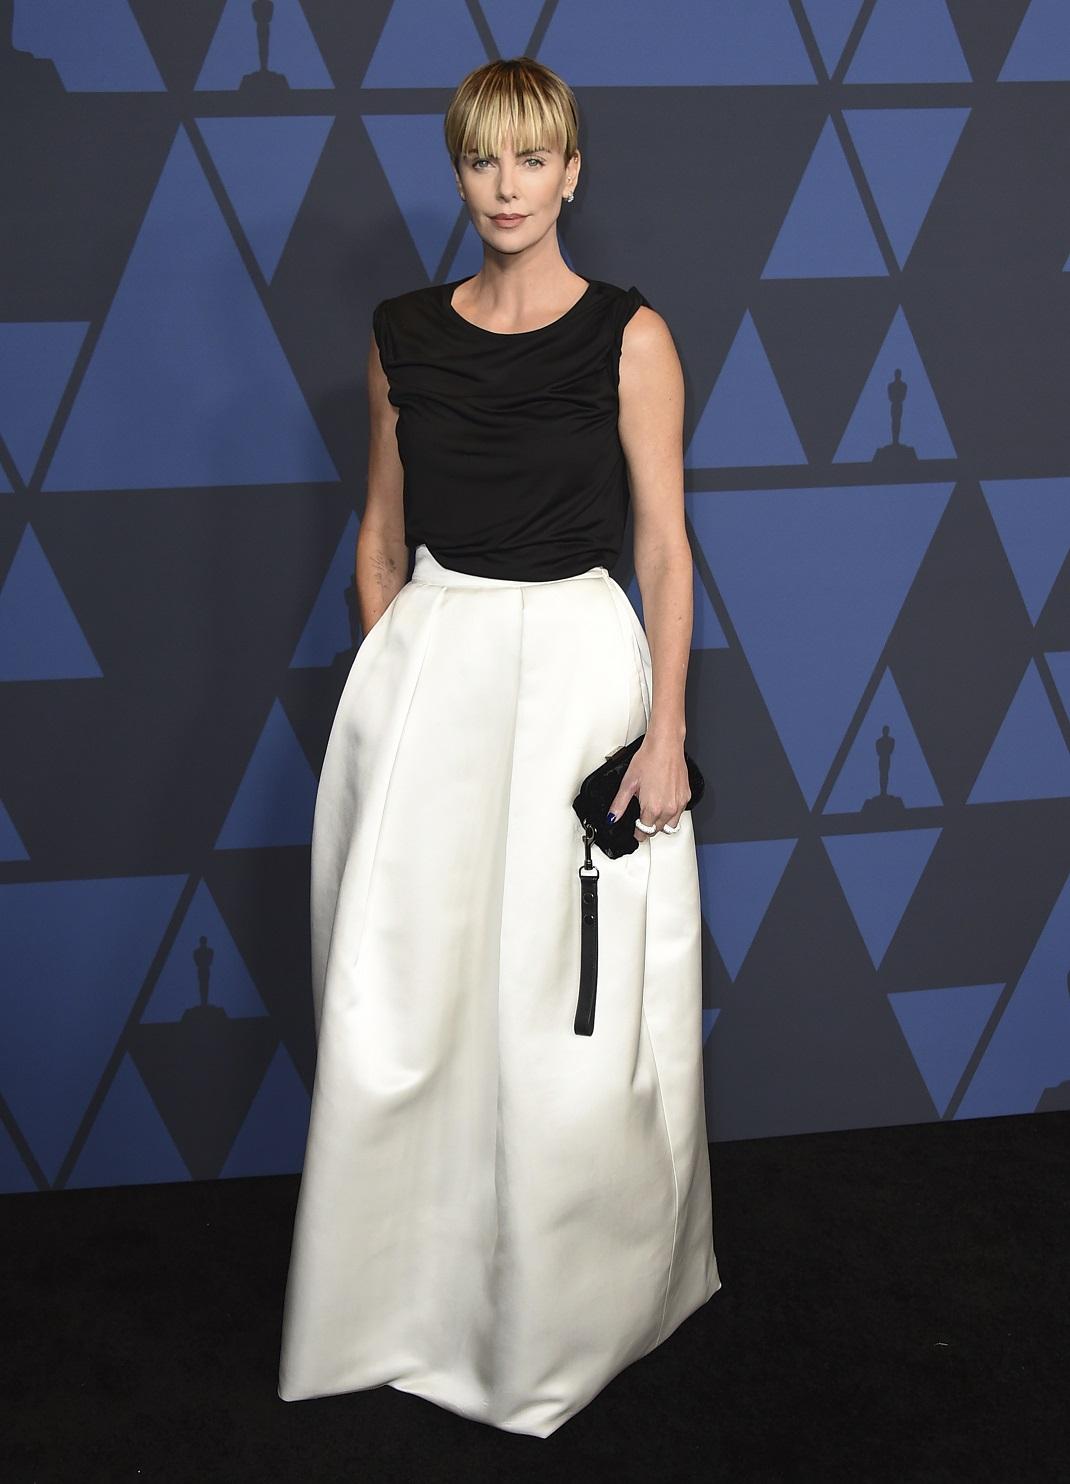 Η Σαρλίζ Θερόν με ασπρόμαυρο φόρεμα και μαύρο τσαντάκι